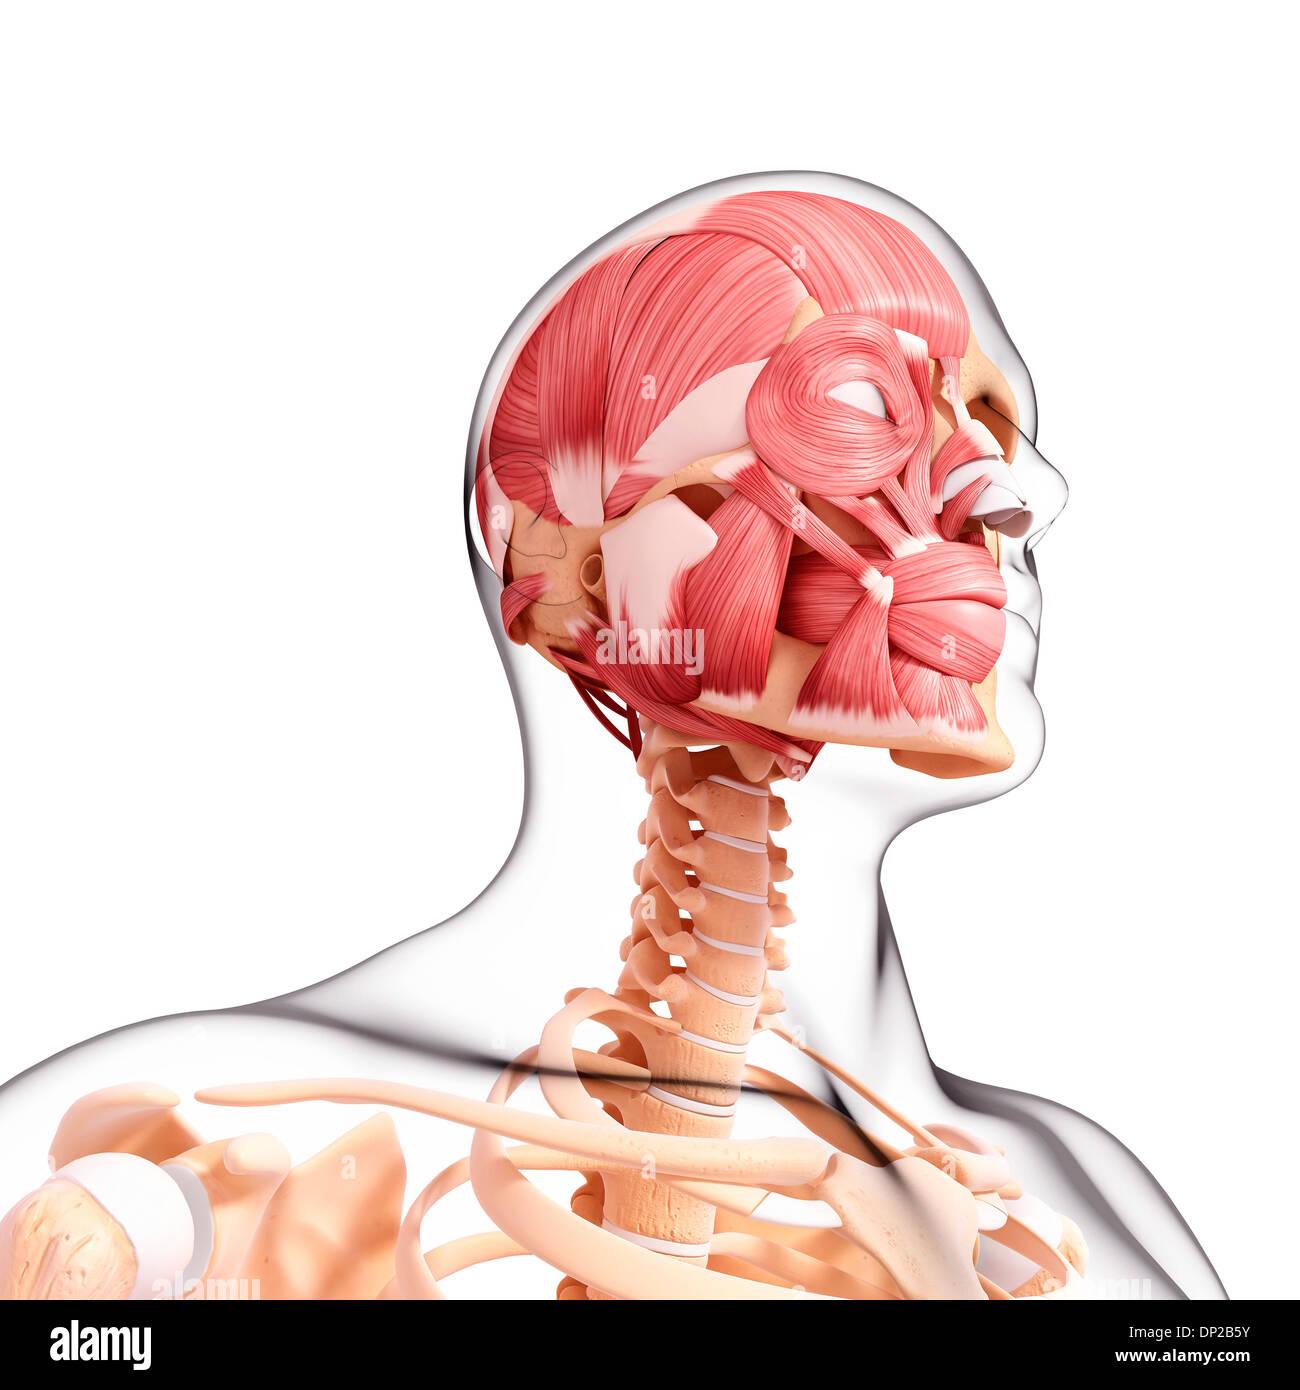 Erfreut Menschlicher Kopf Muskeln Bilder - Menschliche Anatomie ...